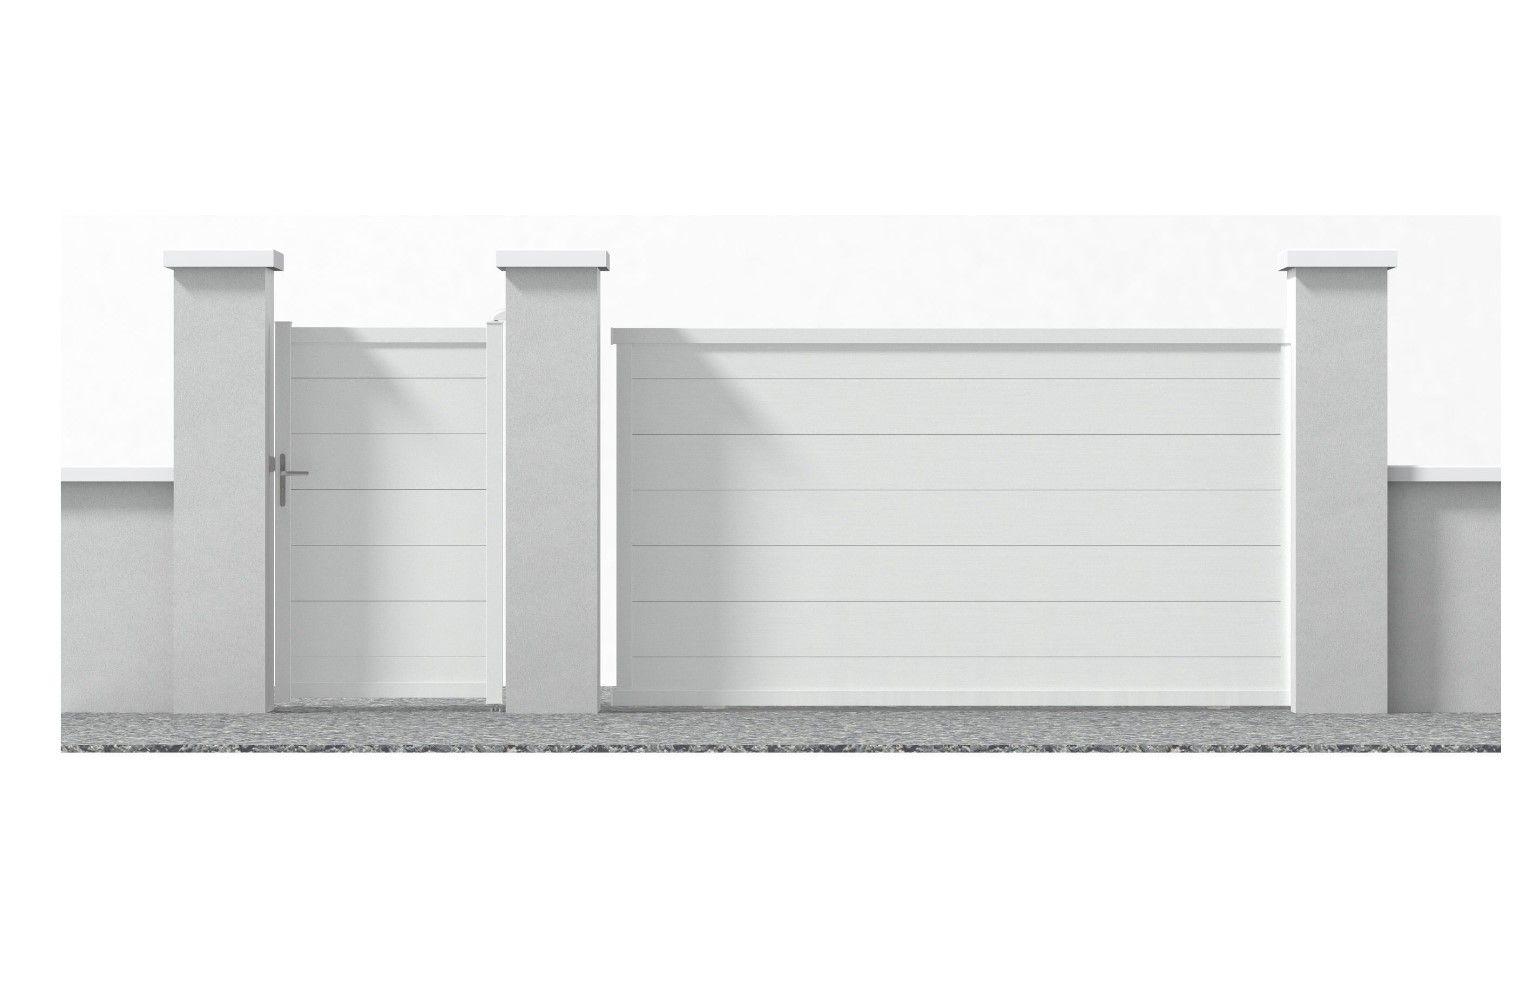 Portail Coulissant En Alu Lyon Blanc 350 Cm Soldes Portail Castorama Iziva Com Portail Coulissant Portail Castorama